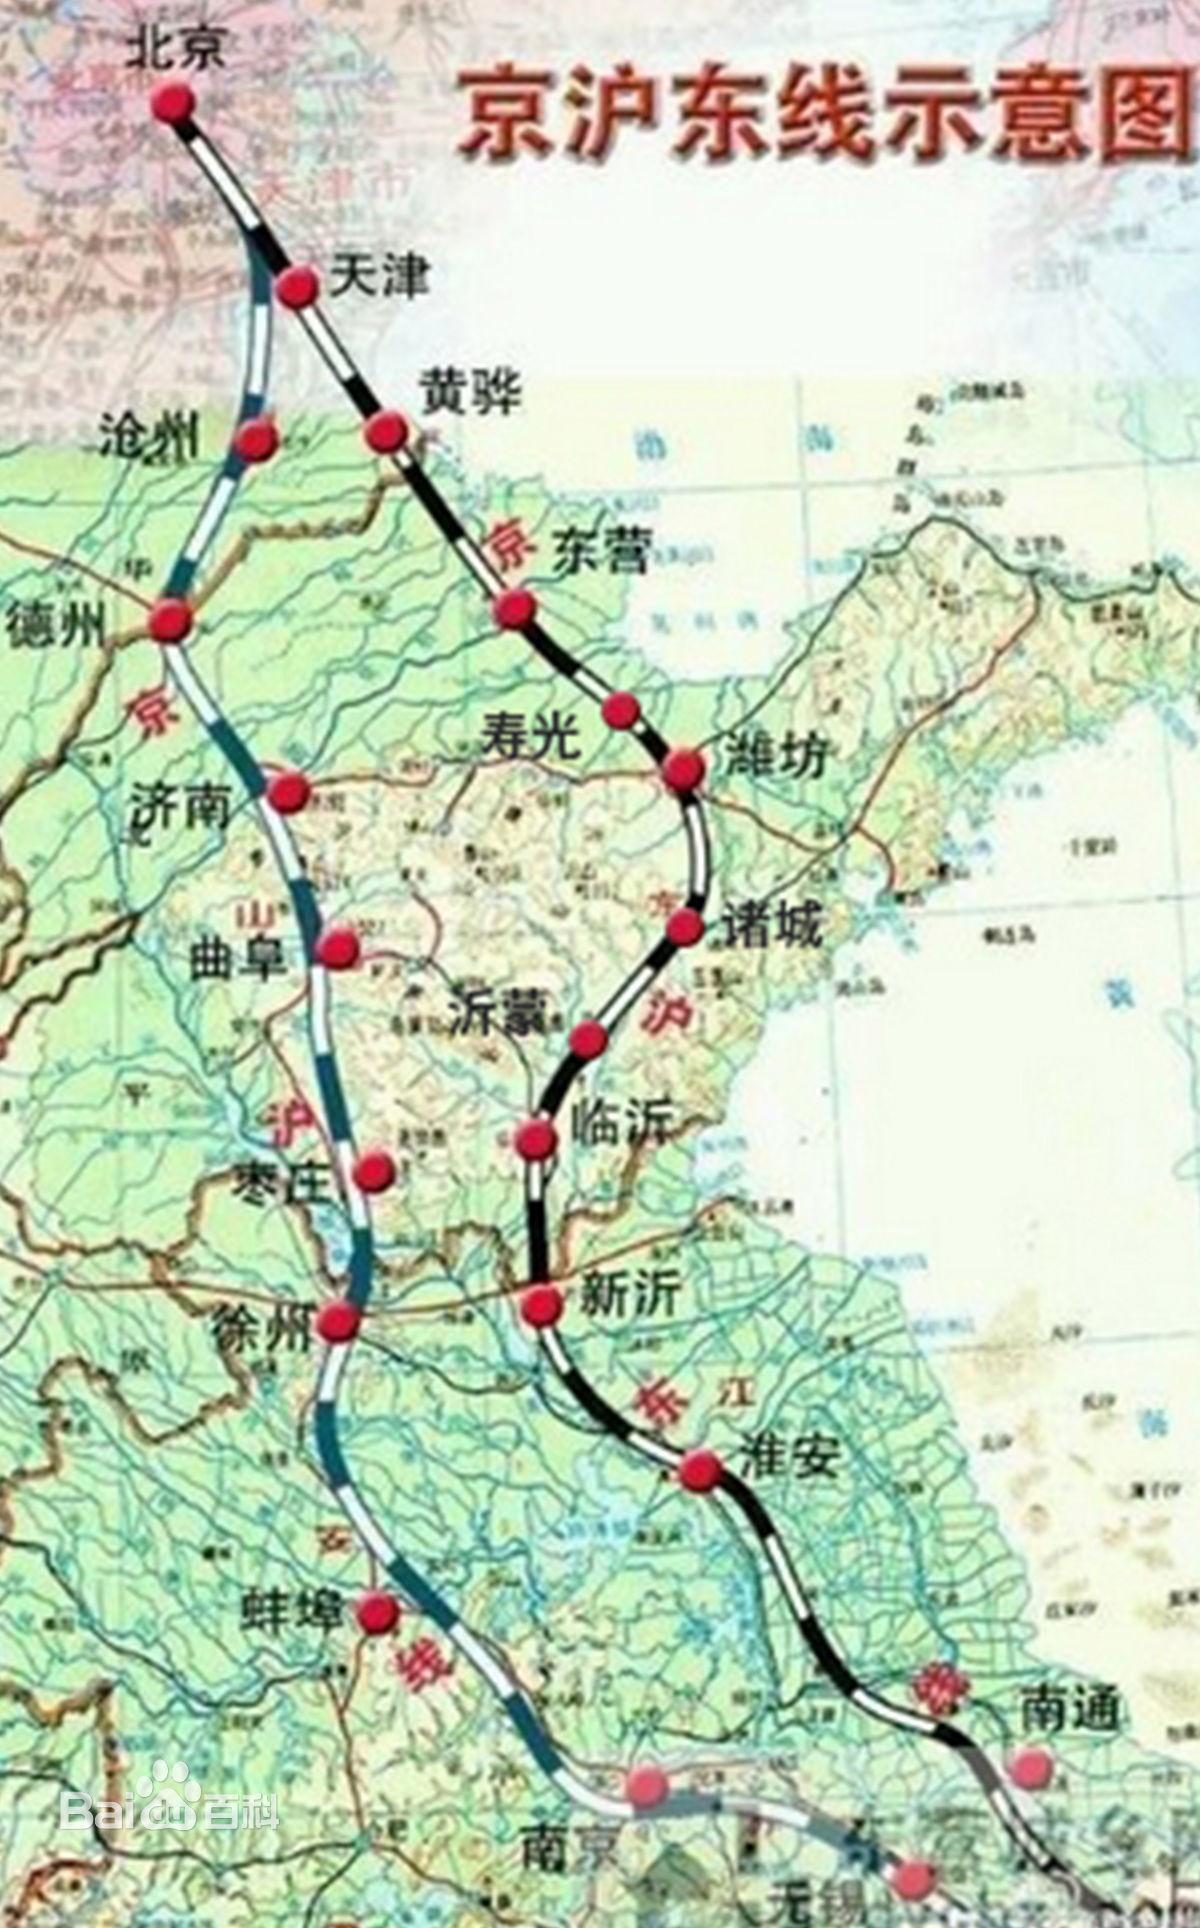 京沪高铁二线将贯穿山东半岛,沿线东营